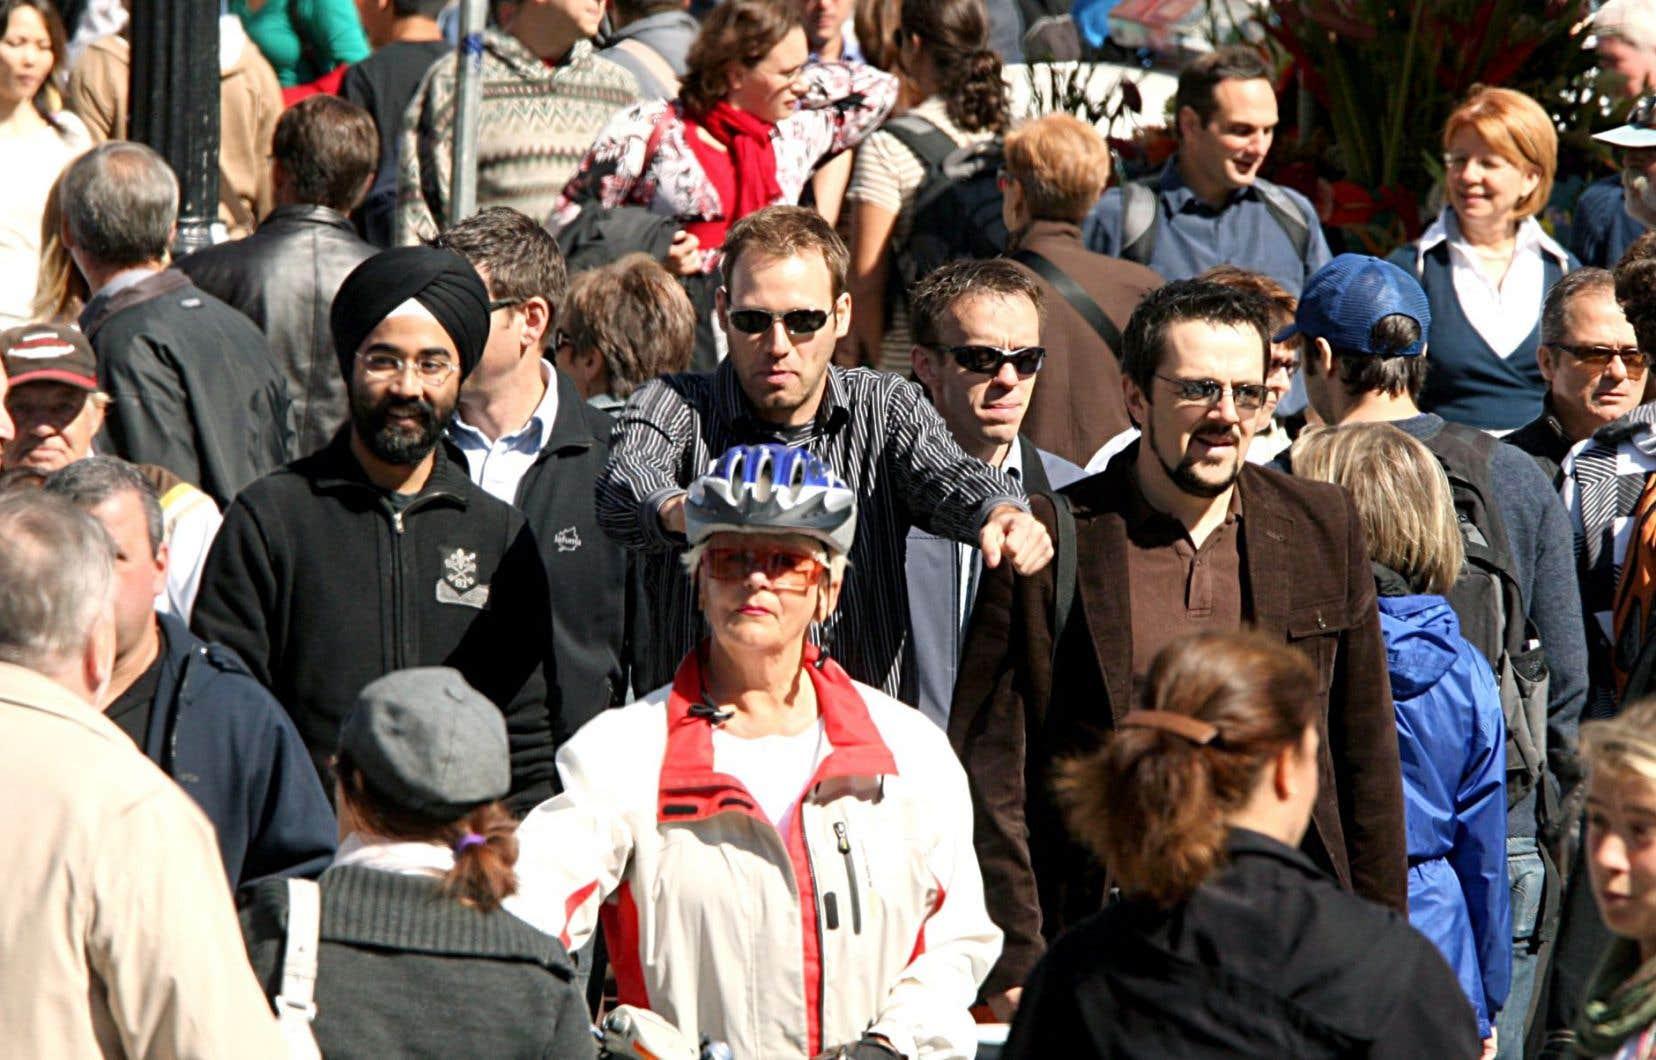 Une enquête révèle que si 5,5% des Québécois se disaient dérangés par le port d'une croix (chrétienne), 25% l'étaient pour la kippa (juive), et 30,5% pour le turban (sikh).